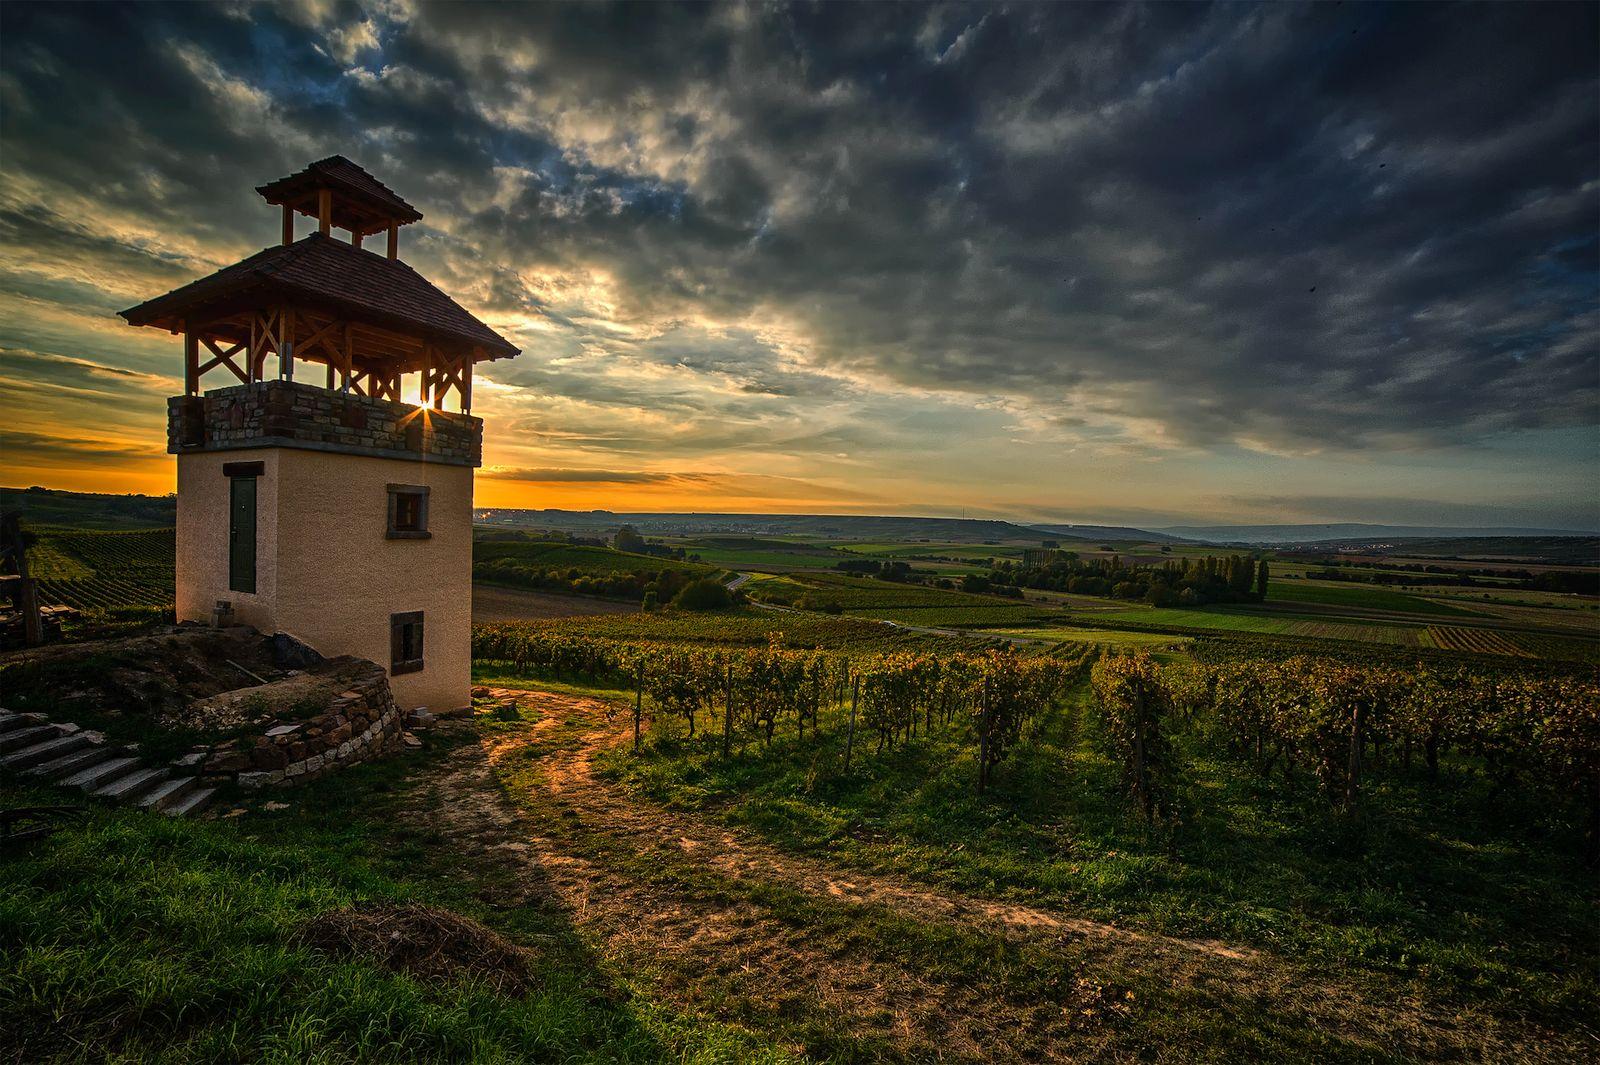 Sonnenuntergang in den Weinbergen bei Ebersheim